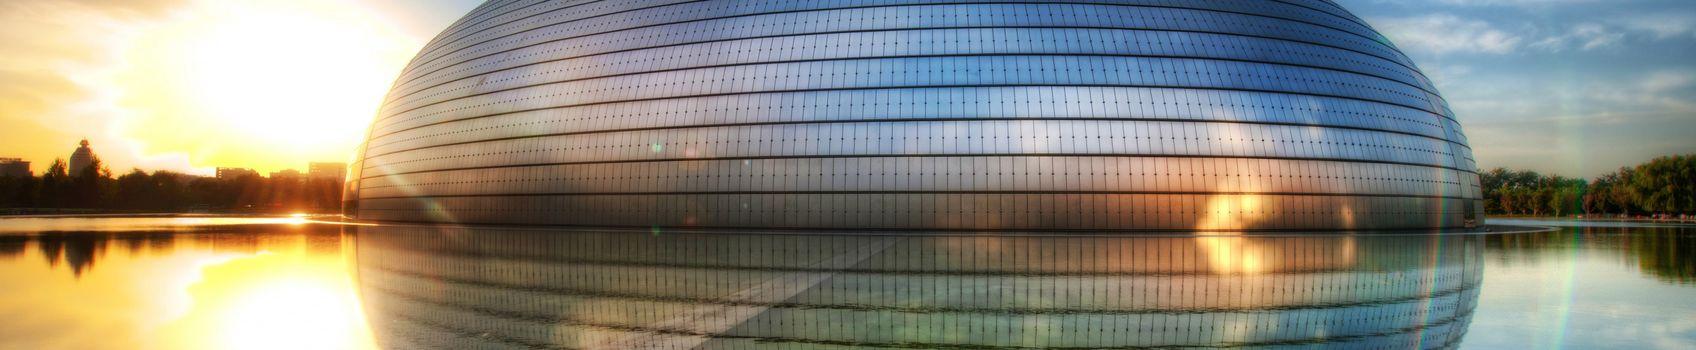 Фото бесплатно национальная опера пекина, центр, искусств